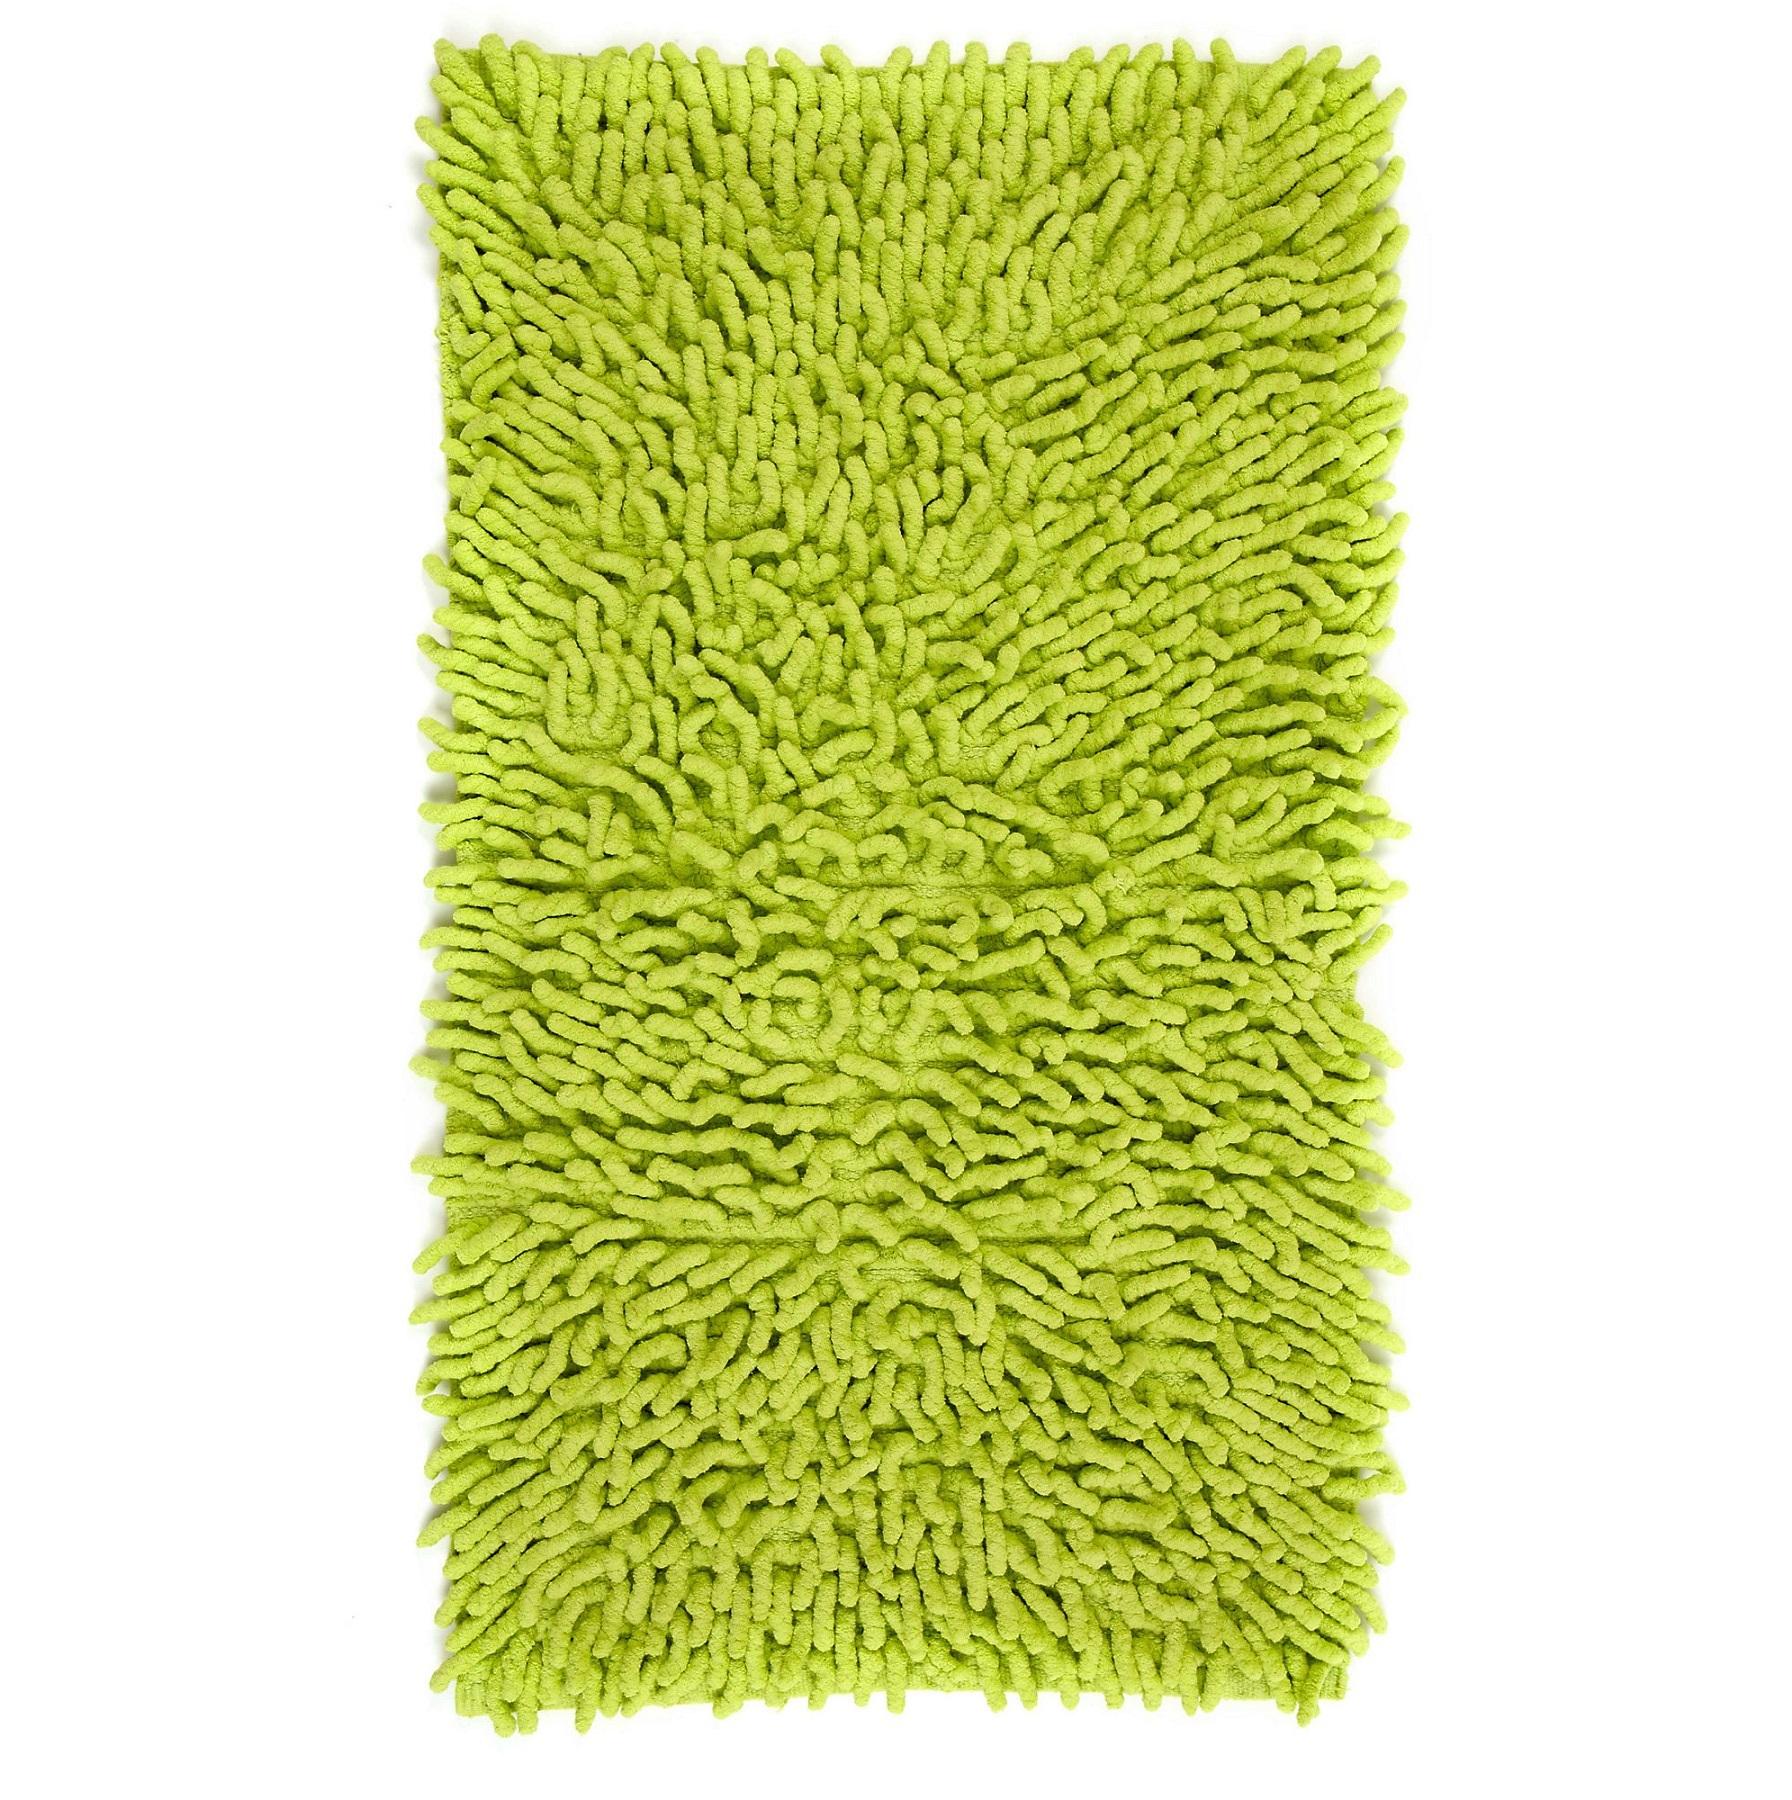 Коврики для ванной Элитный коврик для ванной Basics Green от Kassatex elitnyy-kovrik-dlya-vannoy-basics-green-ot-kassatex-portugaliya.jpg